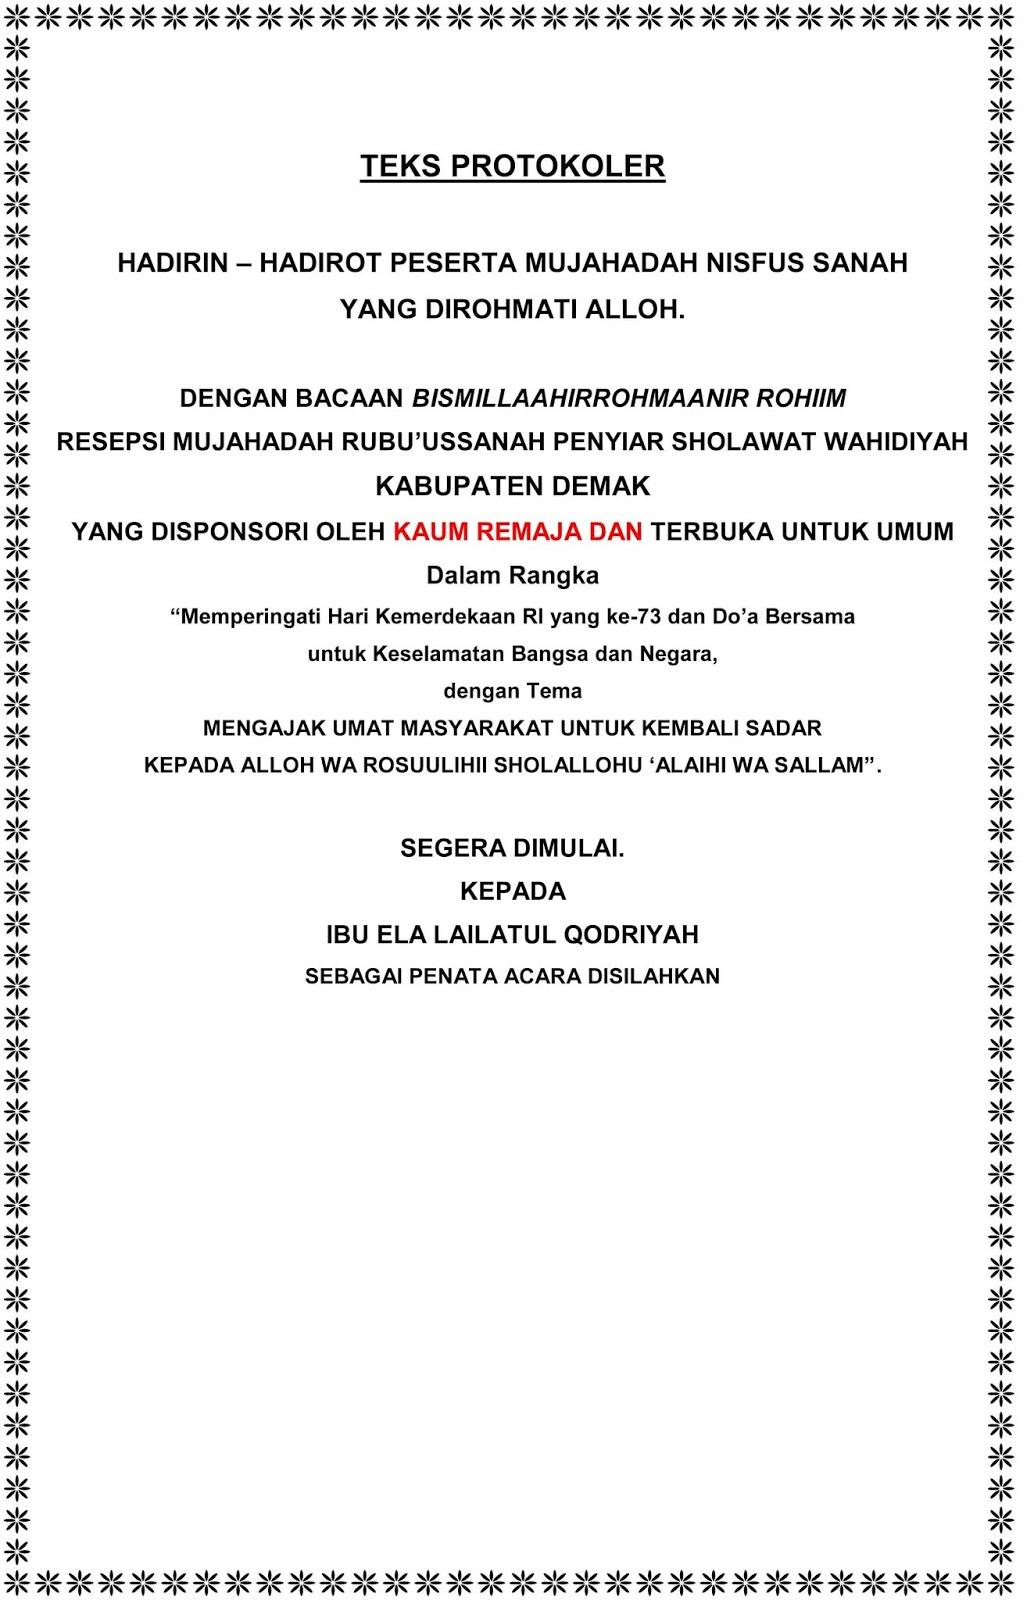 Teks Protokoler Acara Wahidiyah